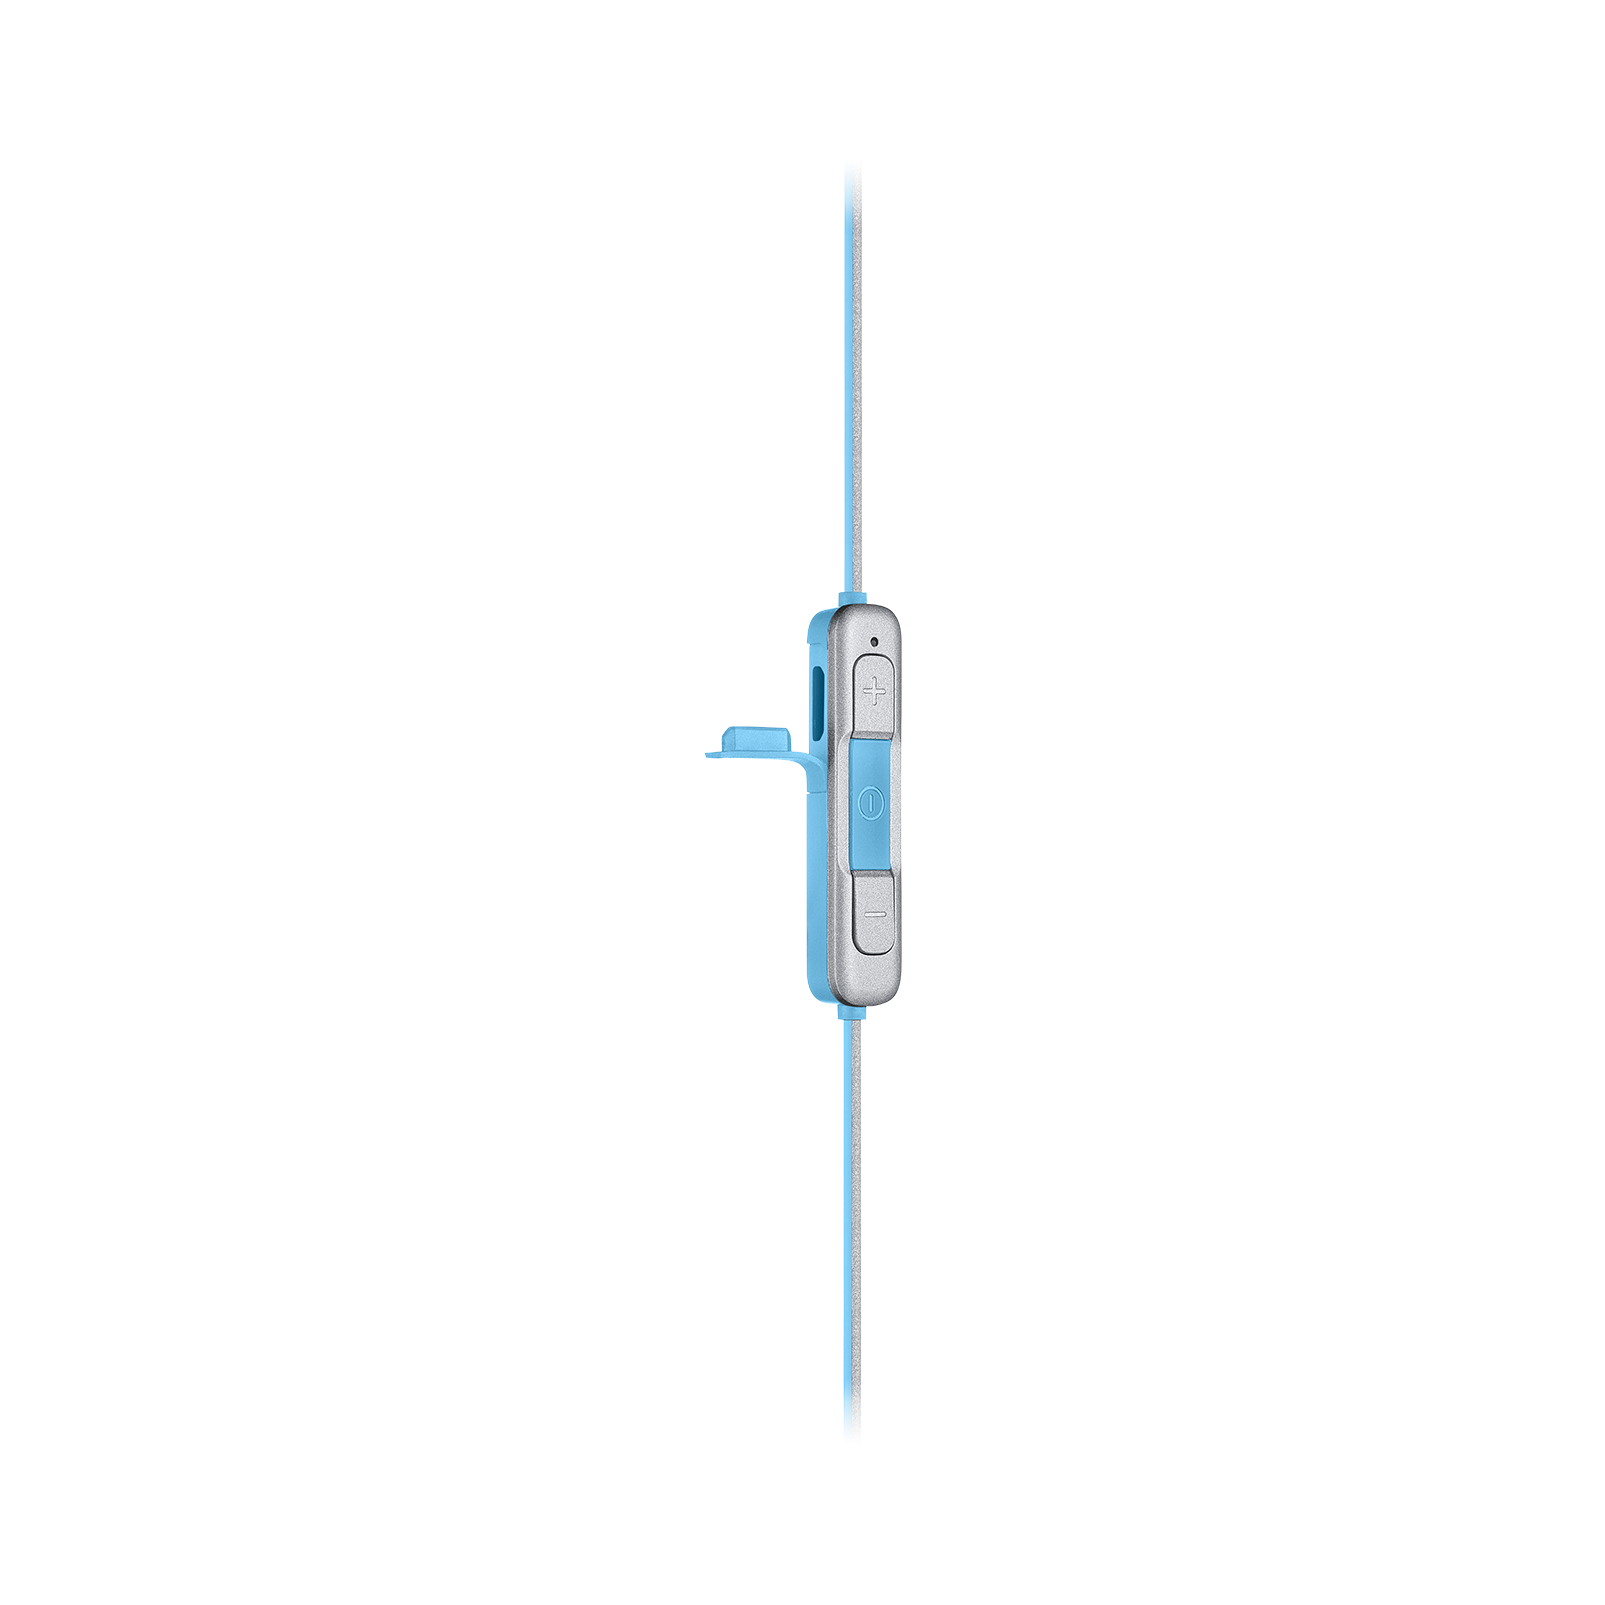 JBL REFLECT MINI 2 - Teal - Lightweight Wireless Sport Headphones - Detailshot 4